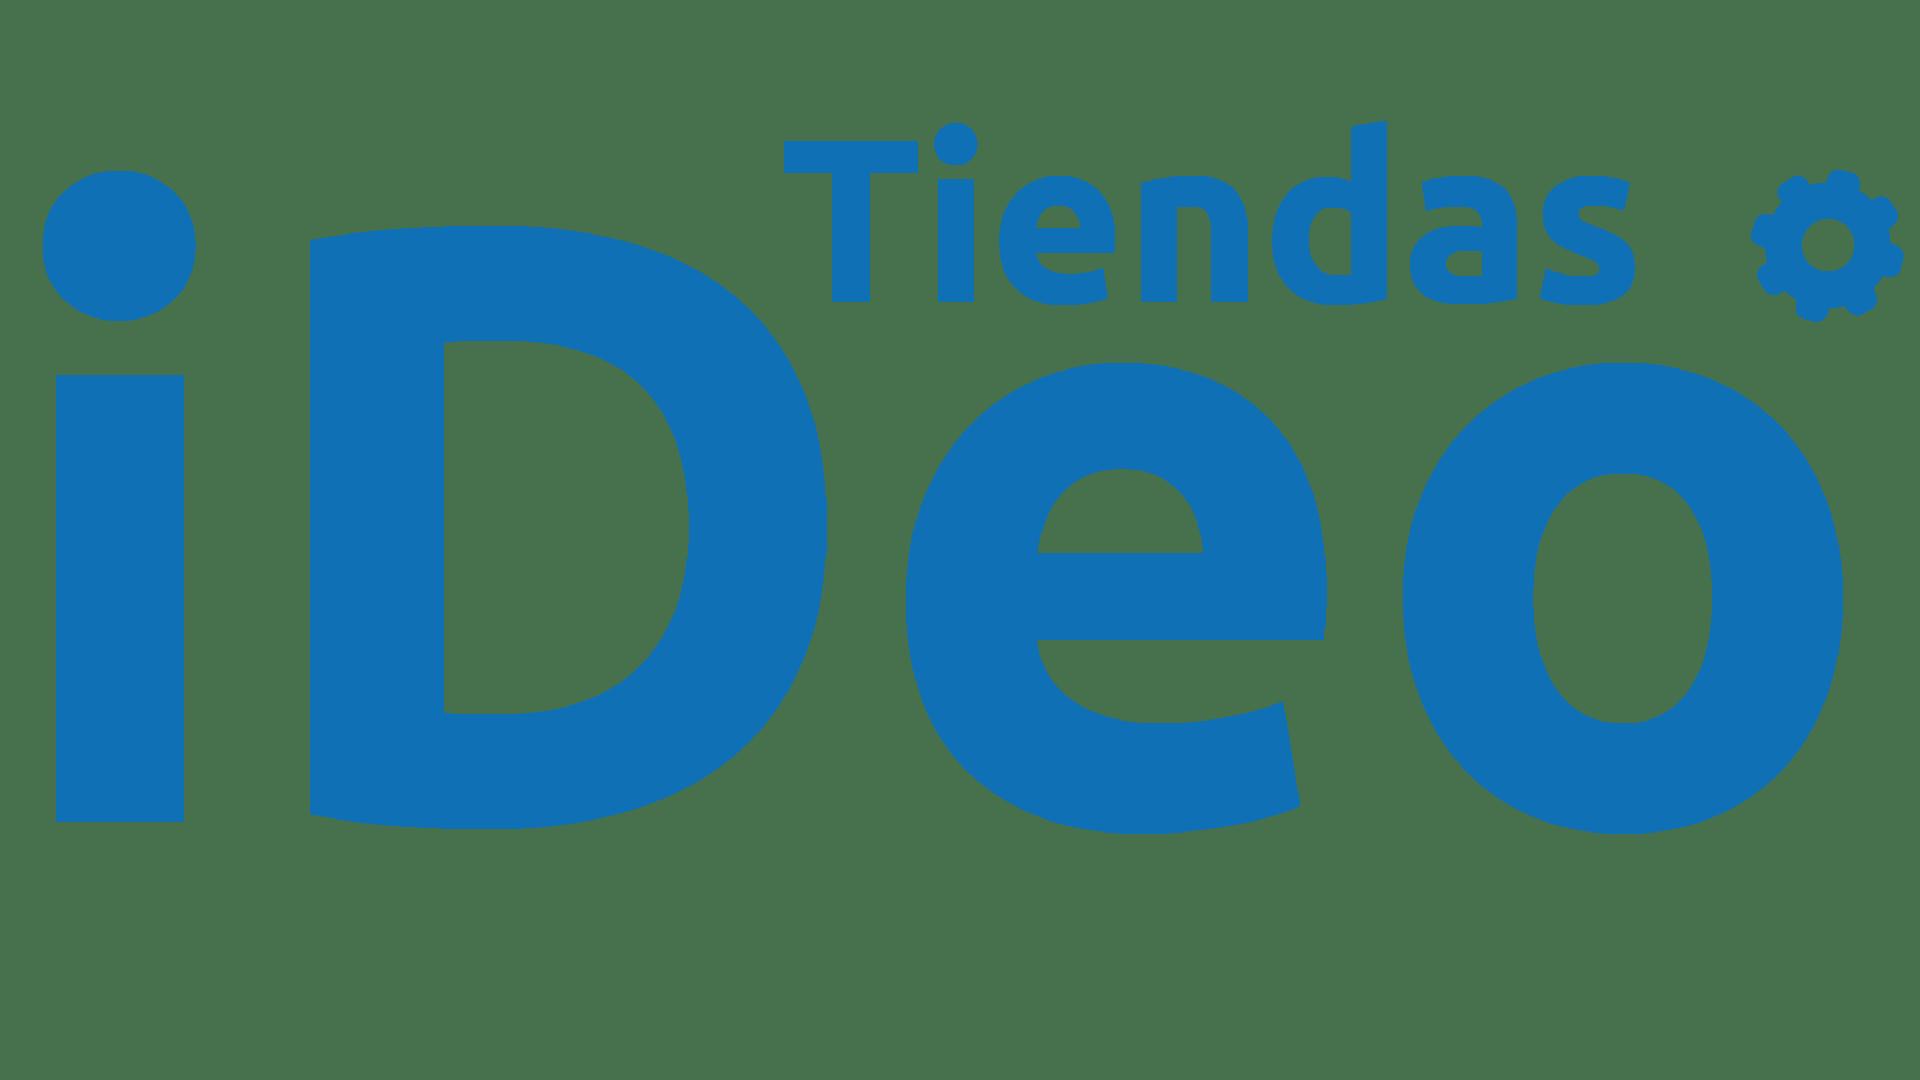 Logotipo de Tiendas iDeo